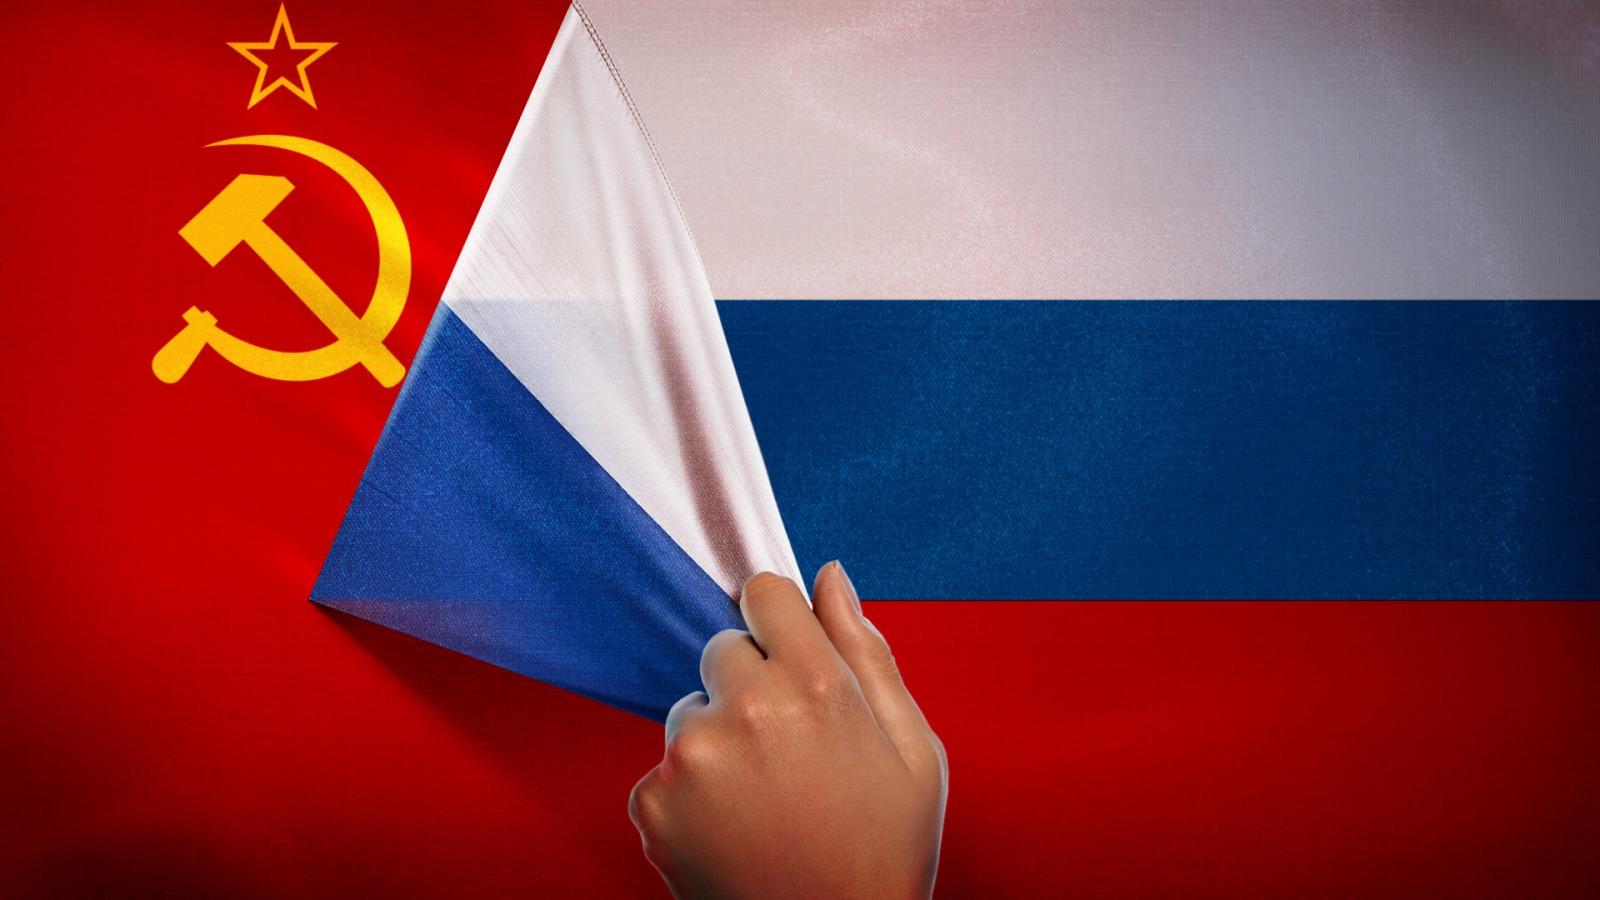 sssr-rossiya-krasnyy